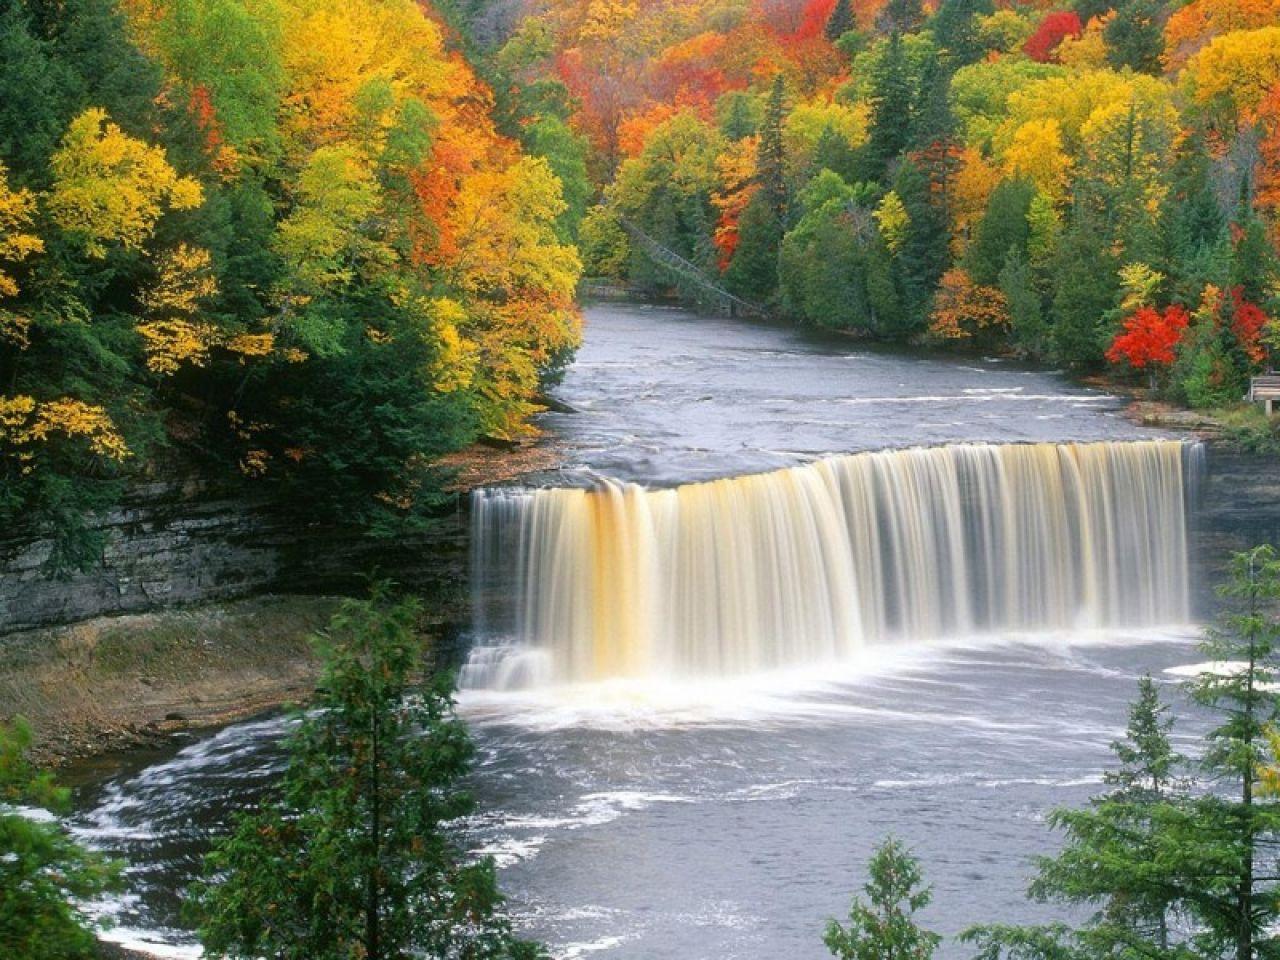 Fotos de paisajes naturales Ecología Verde - Descargar Imagenes De Paisajes Hermosos Gratis